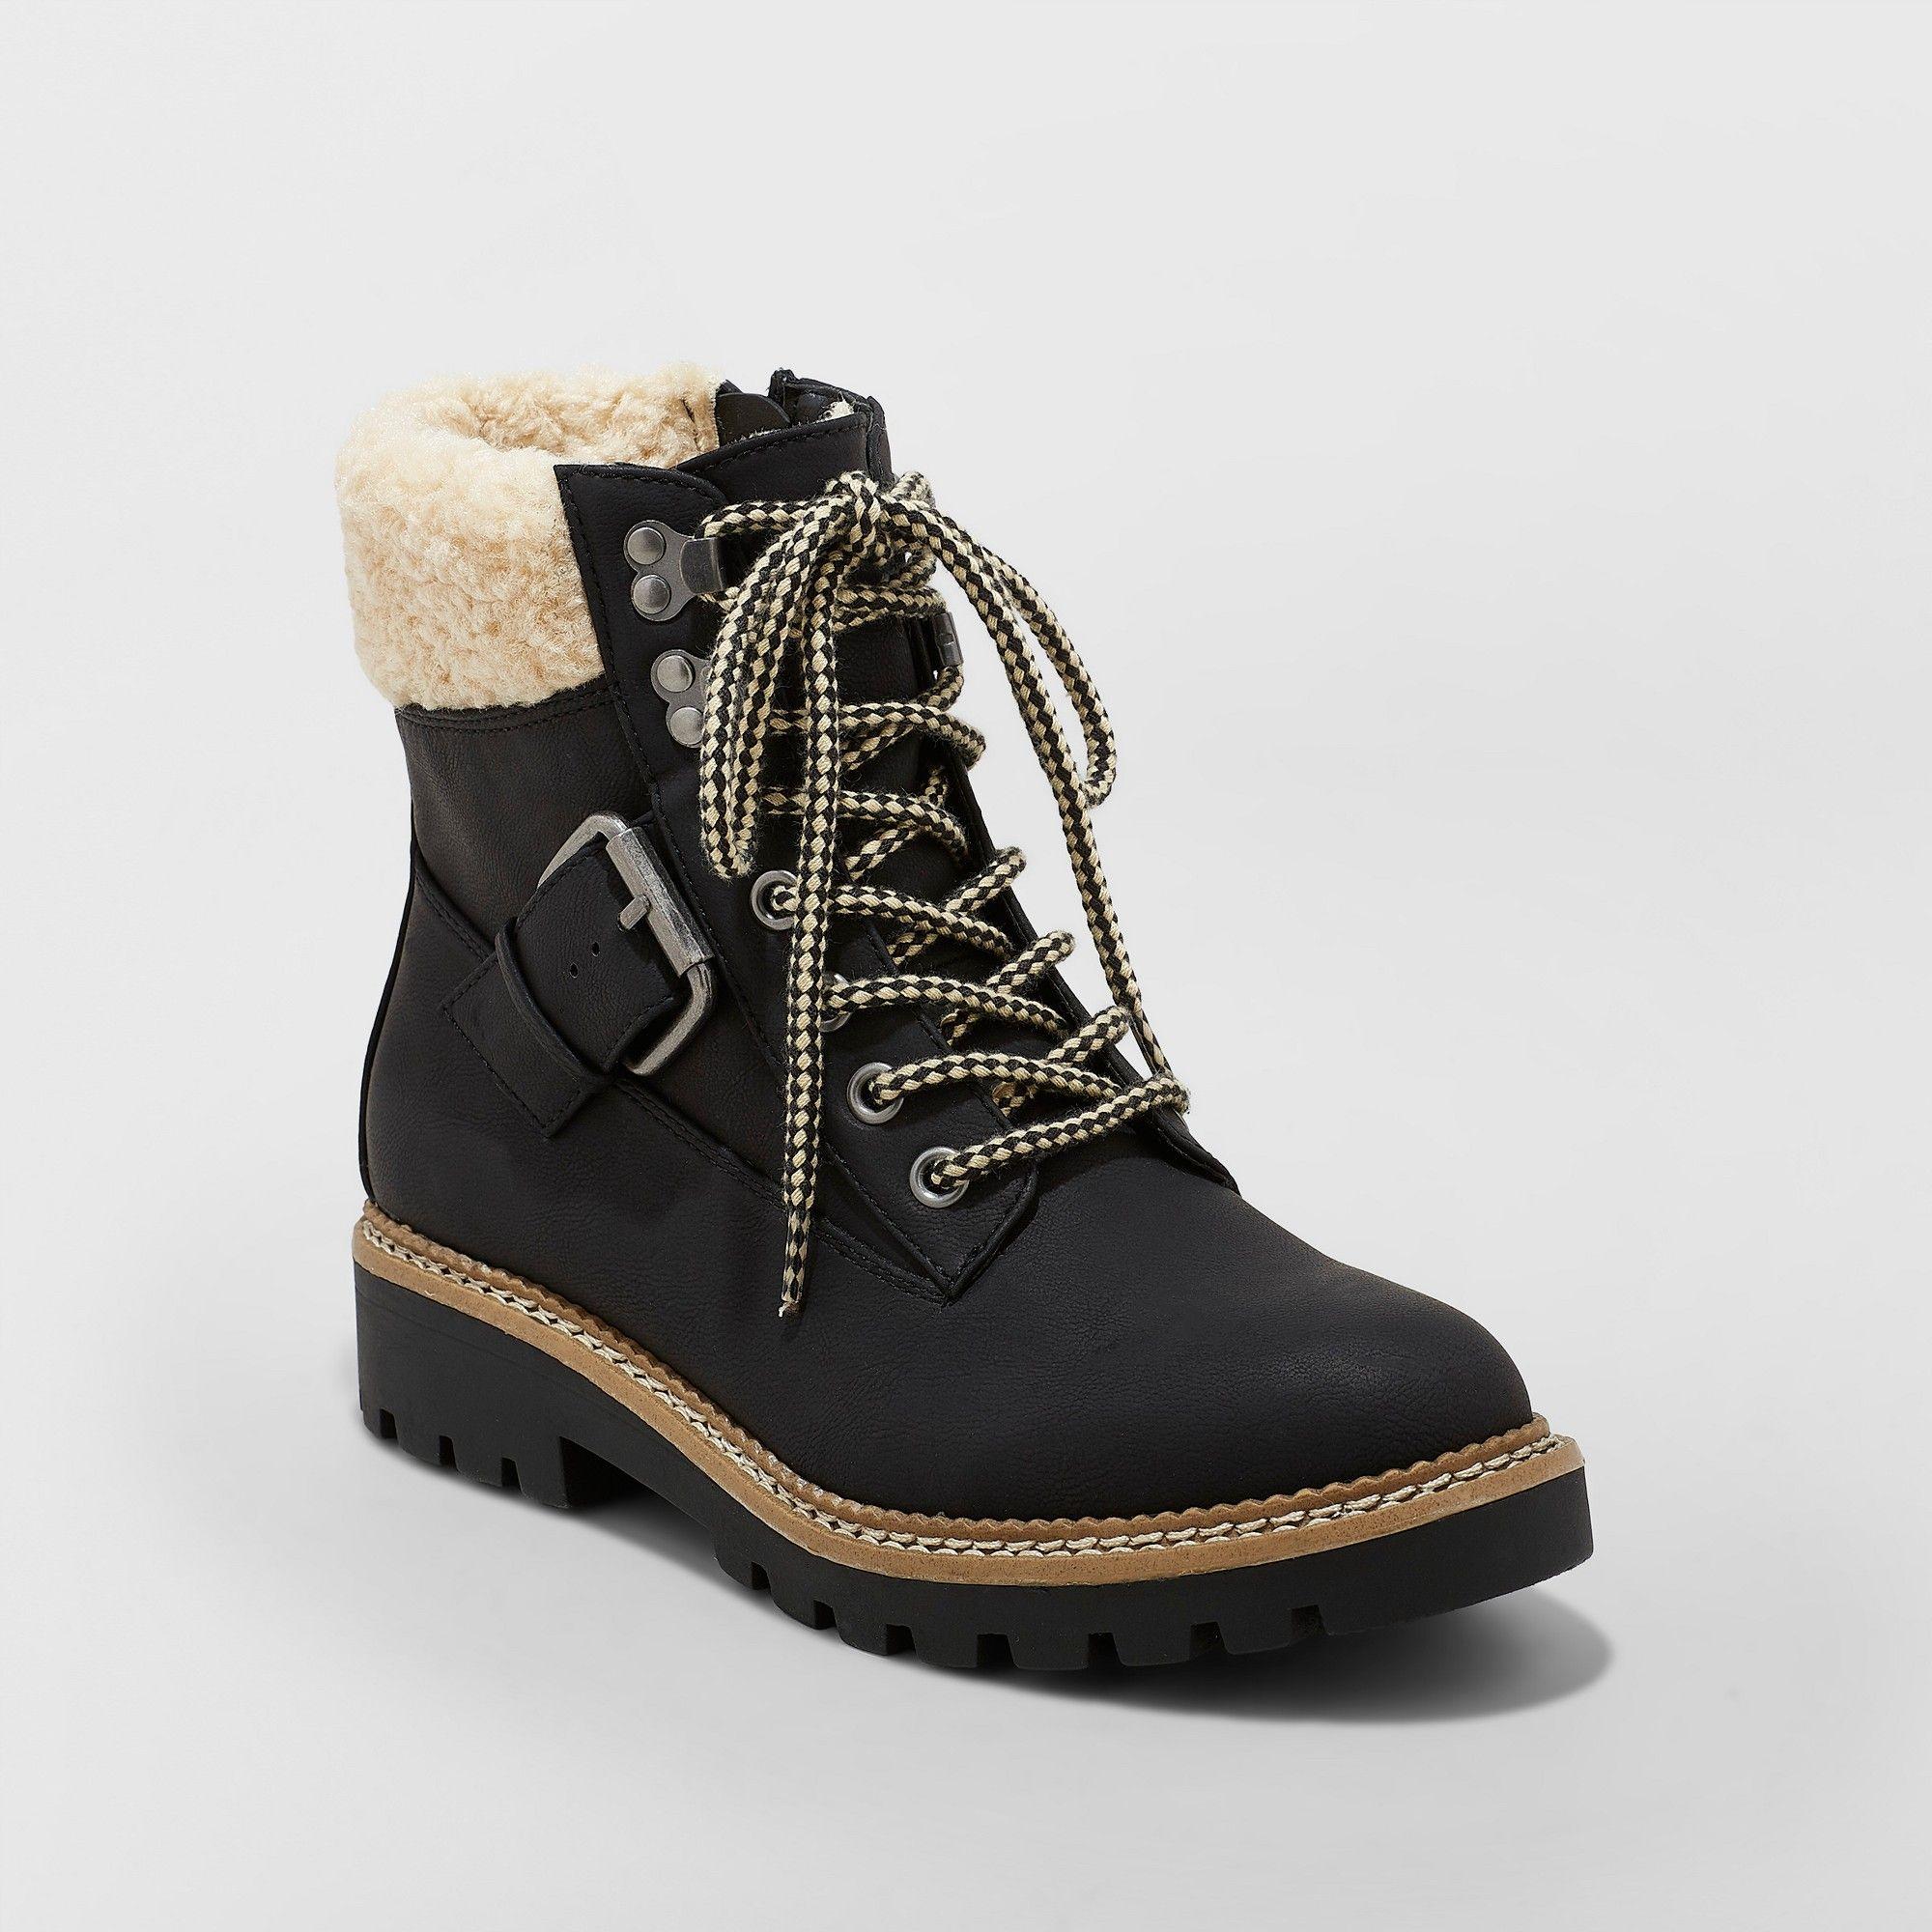 03ba9b7d9692 Women s Susan Sherpa Tipped Hiker Boots - Universal Thread Black 8.5 ...